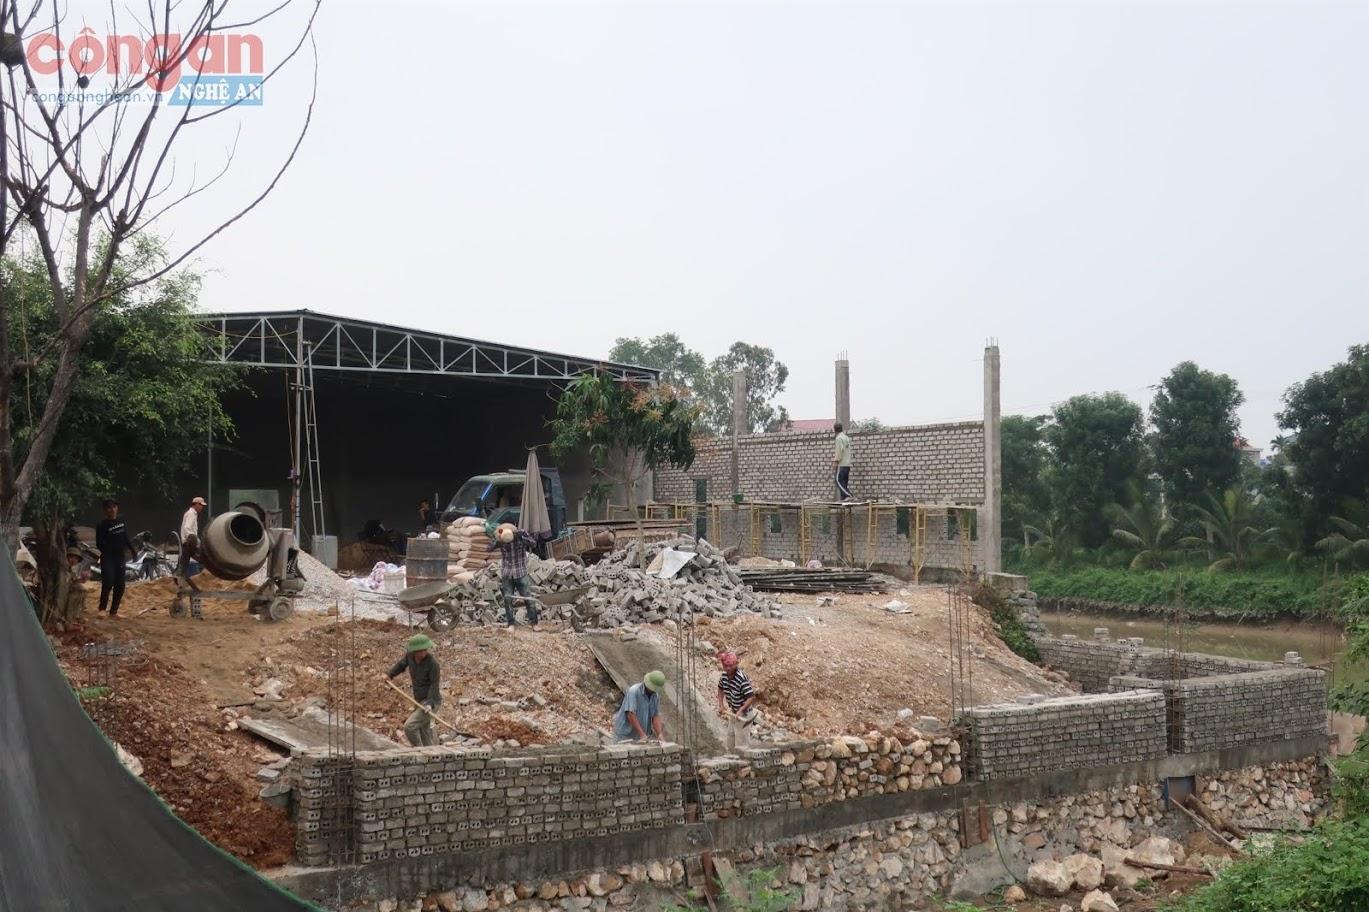 Công trình xây dựng trái phép hàng trăm m2 trên kênh Vách Bắc  của hộ gia đình ông Lê Văn Cảnh (Ảnh chụp ngày 16/3/2020)